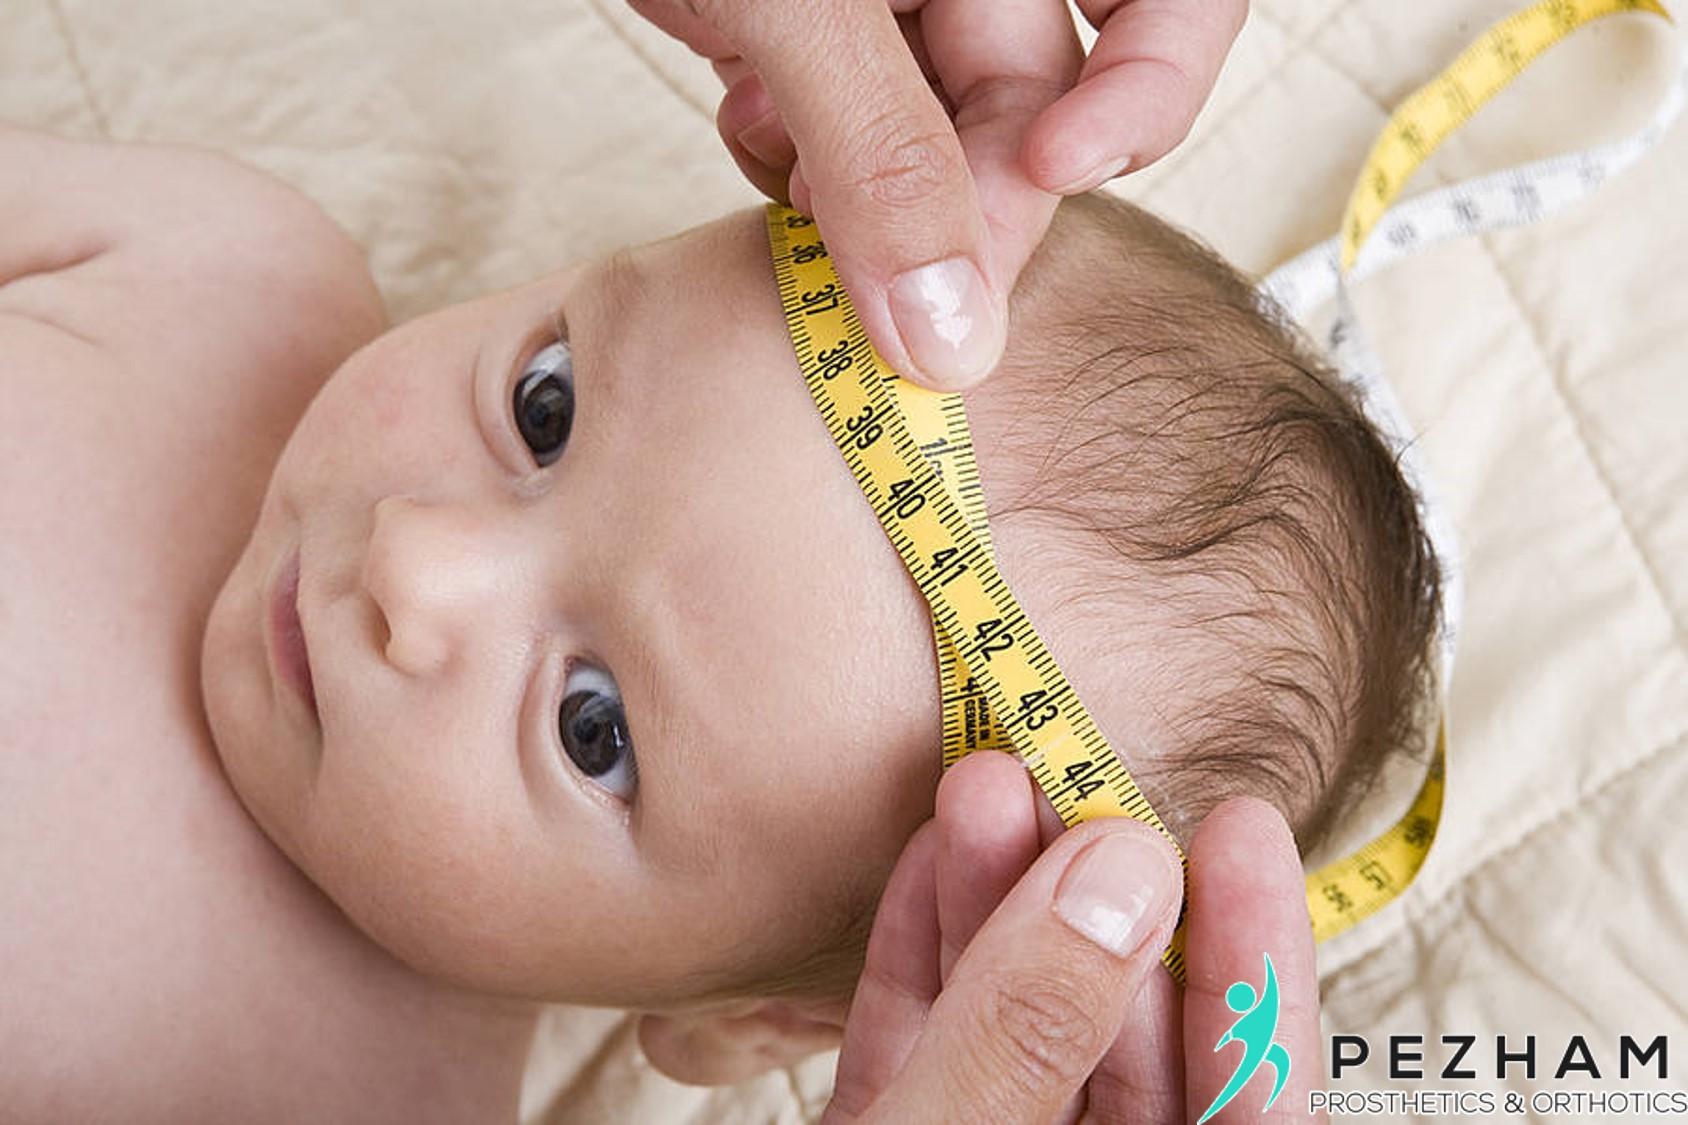 انواع بدشکلی جمجمه.کلاه اصلاحی نوزادان